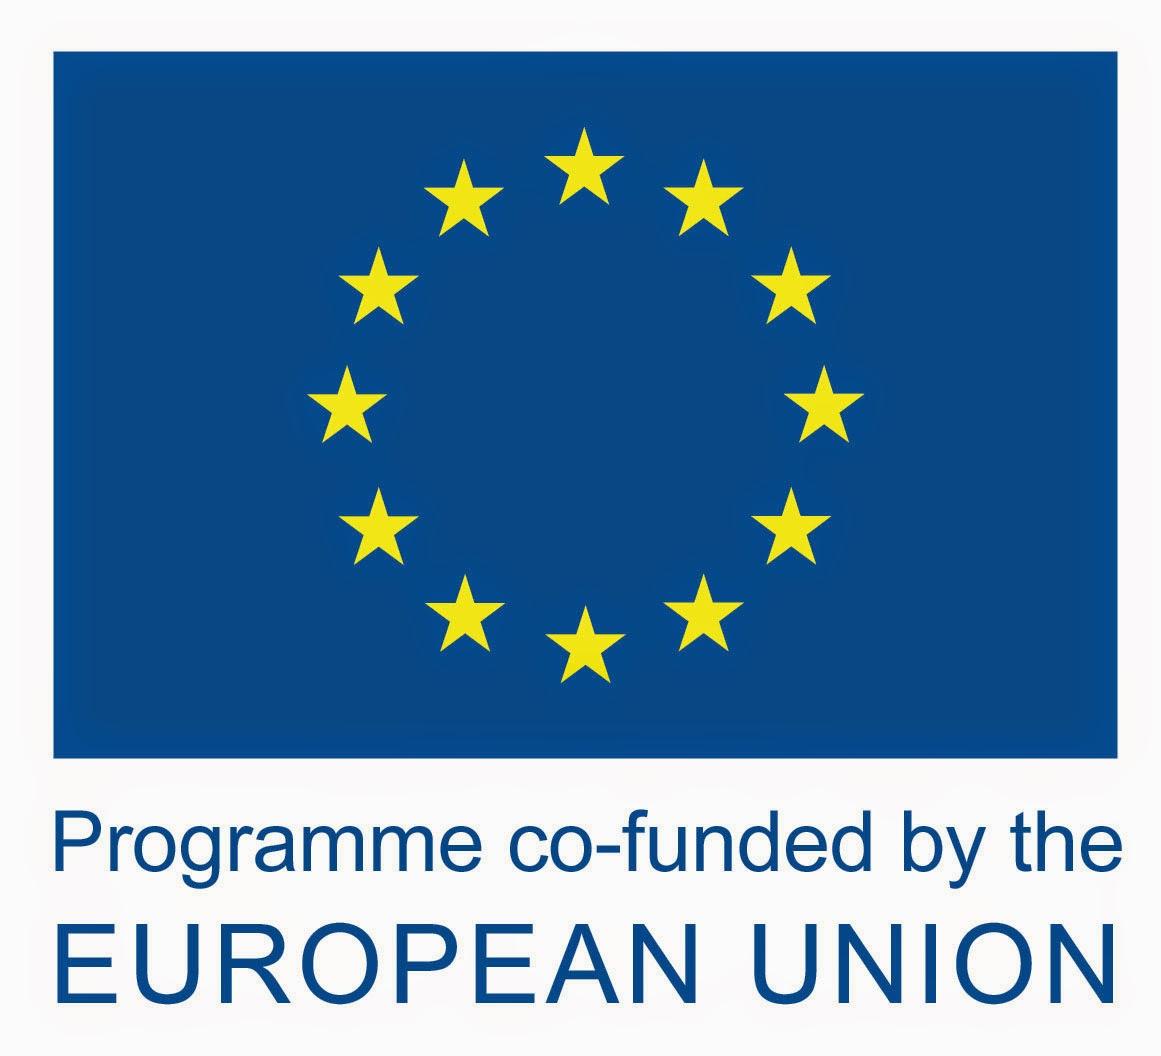 Programas cofinanciados por la UE